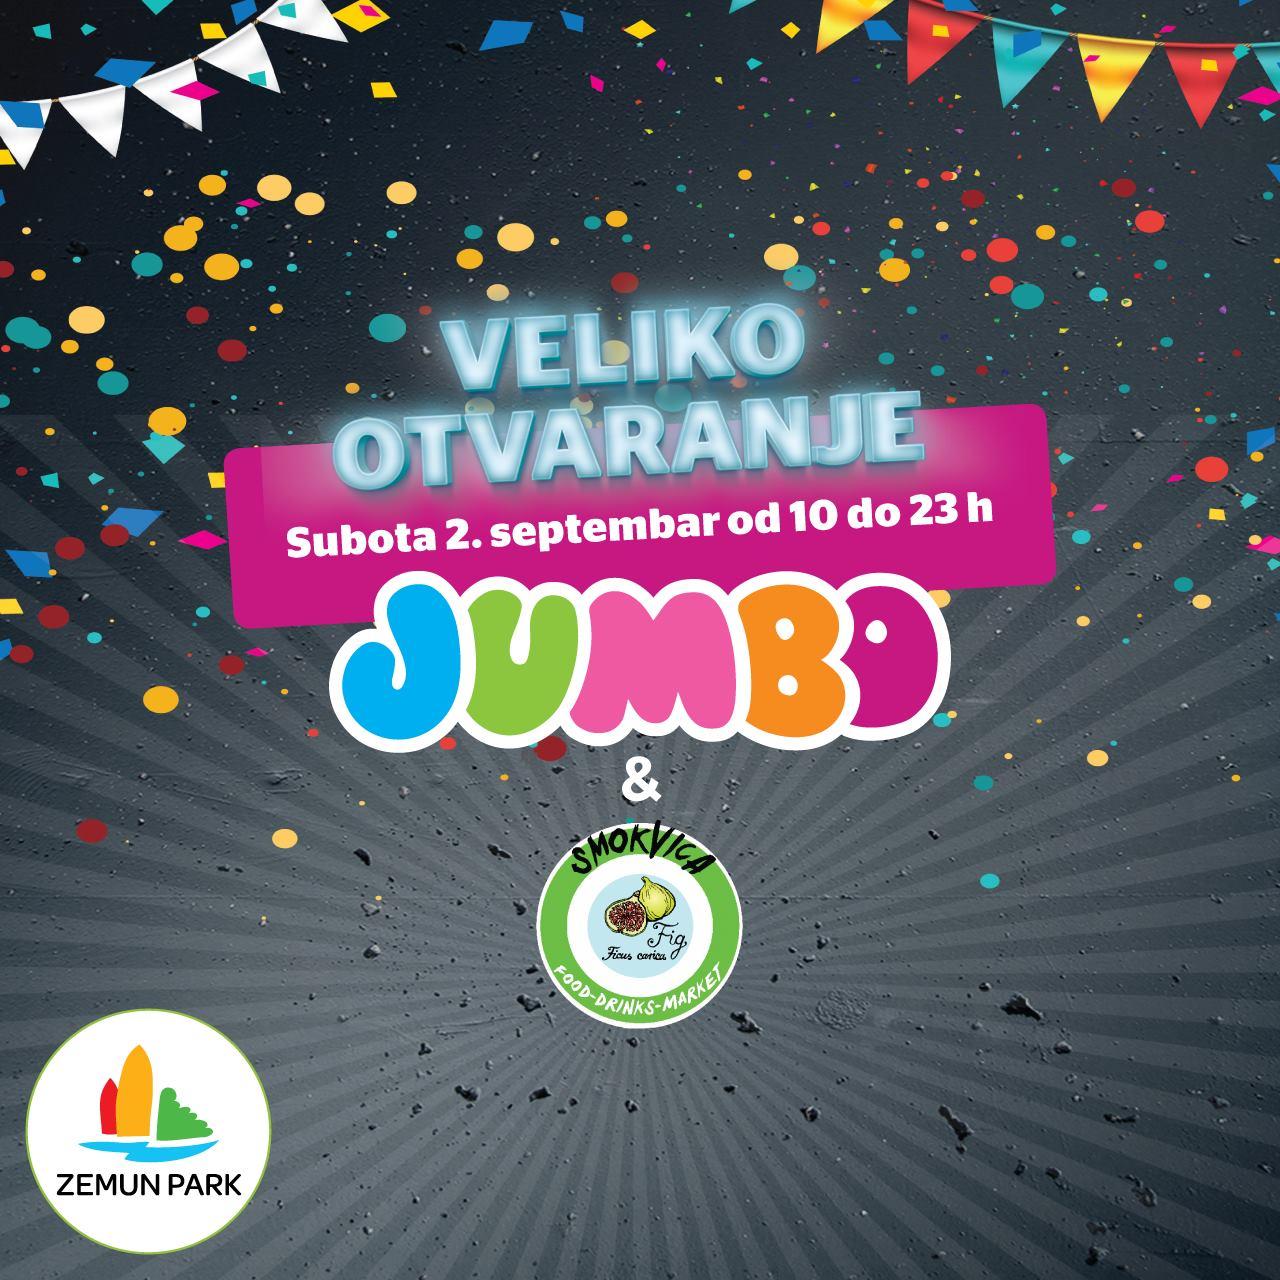 Jumbo Srbija -  Veliko otvaranje Zemun park!